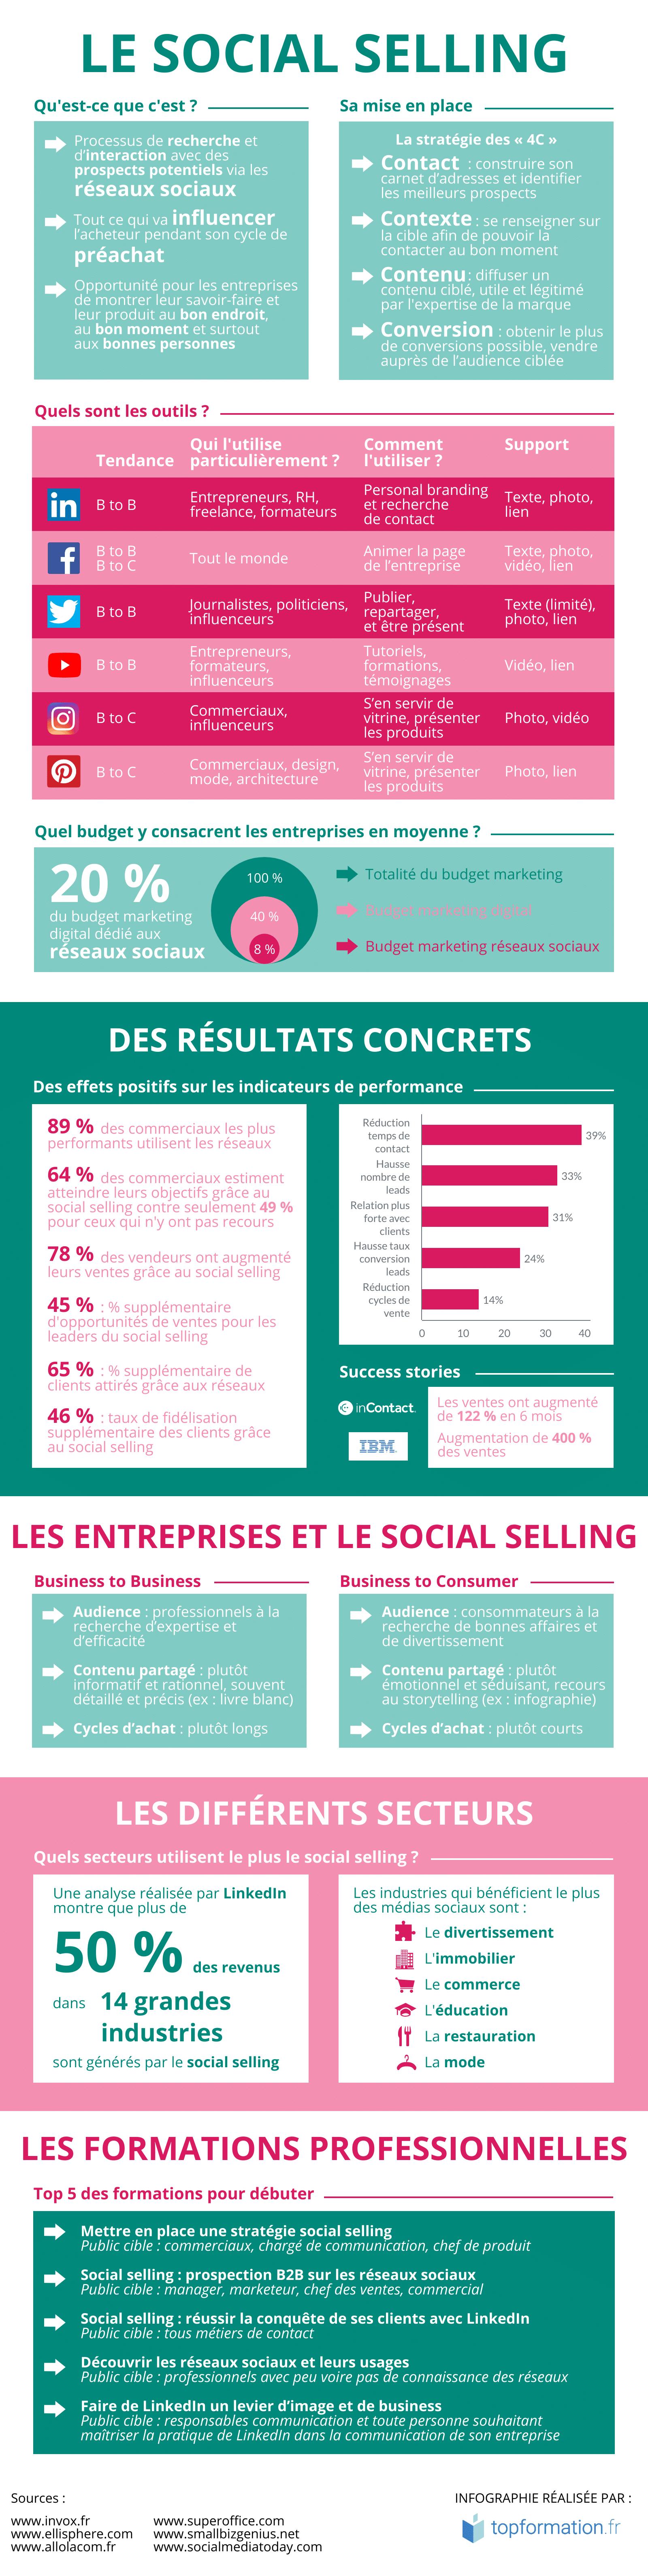 Infographie sur le Social Selling